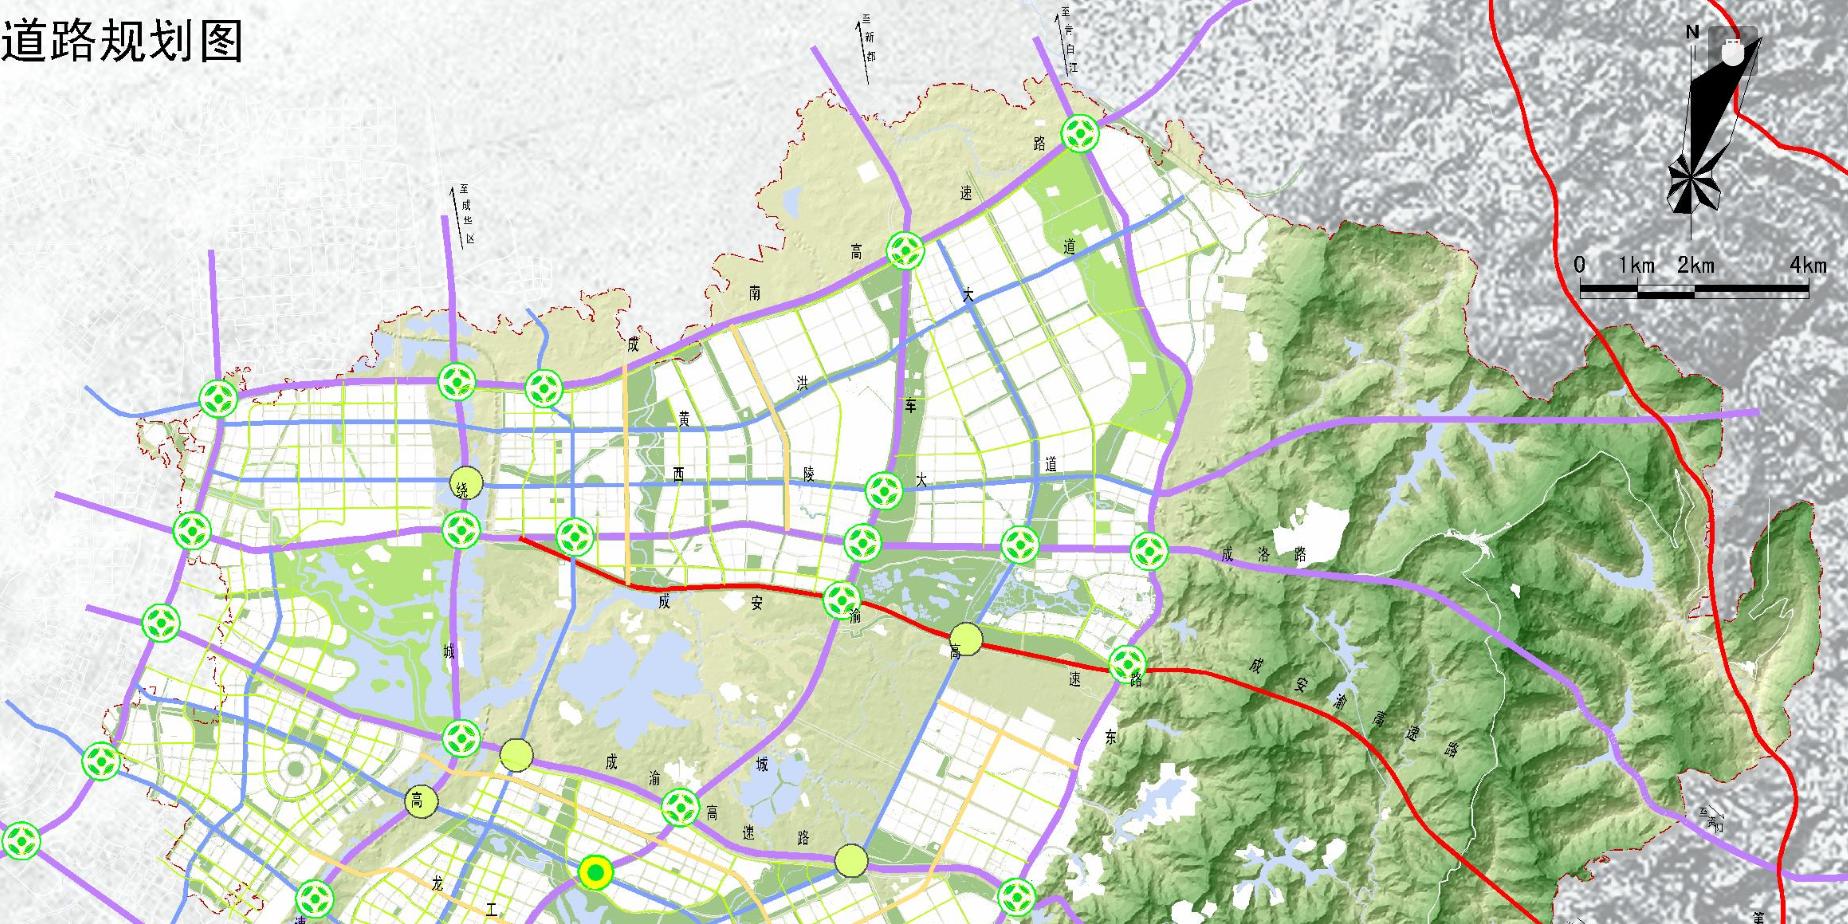 成都市龙泉驿区综合交通规划图 2017版与2015版新旧对比